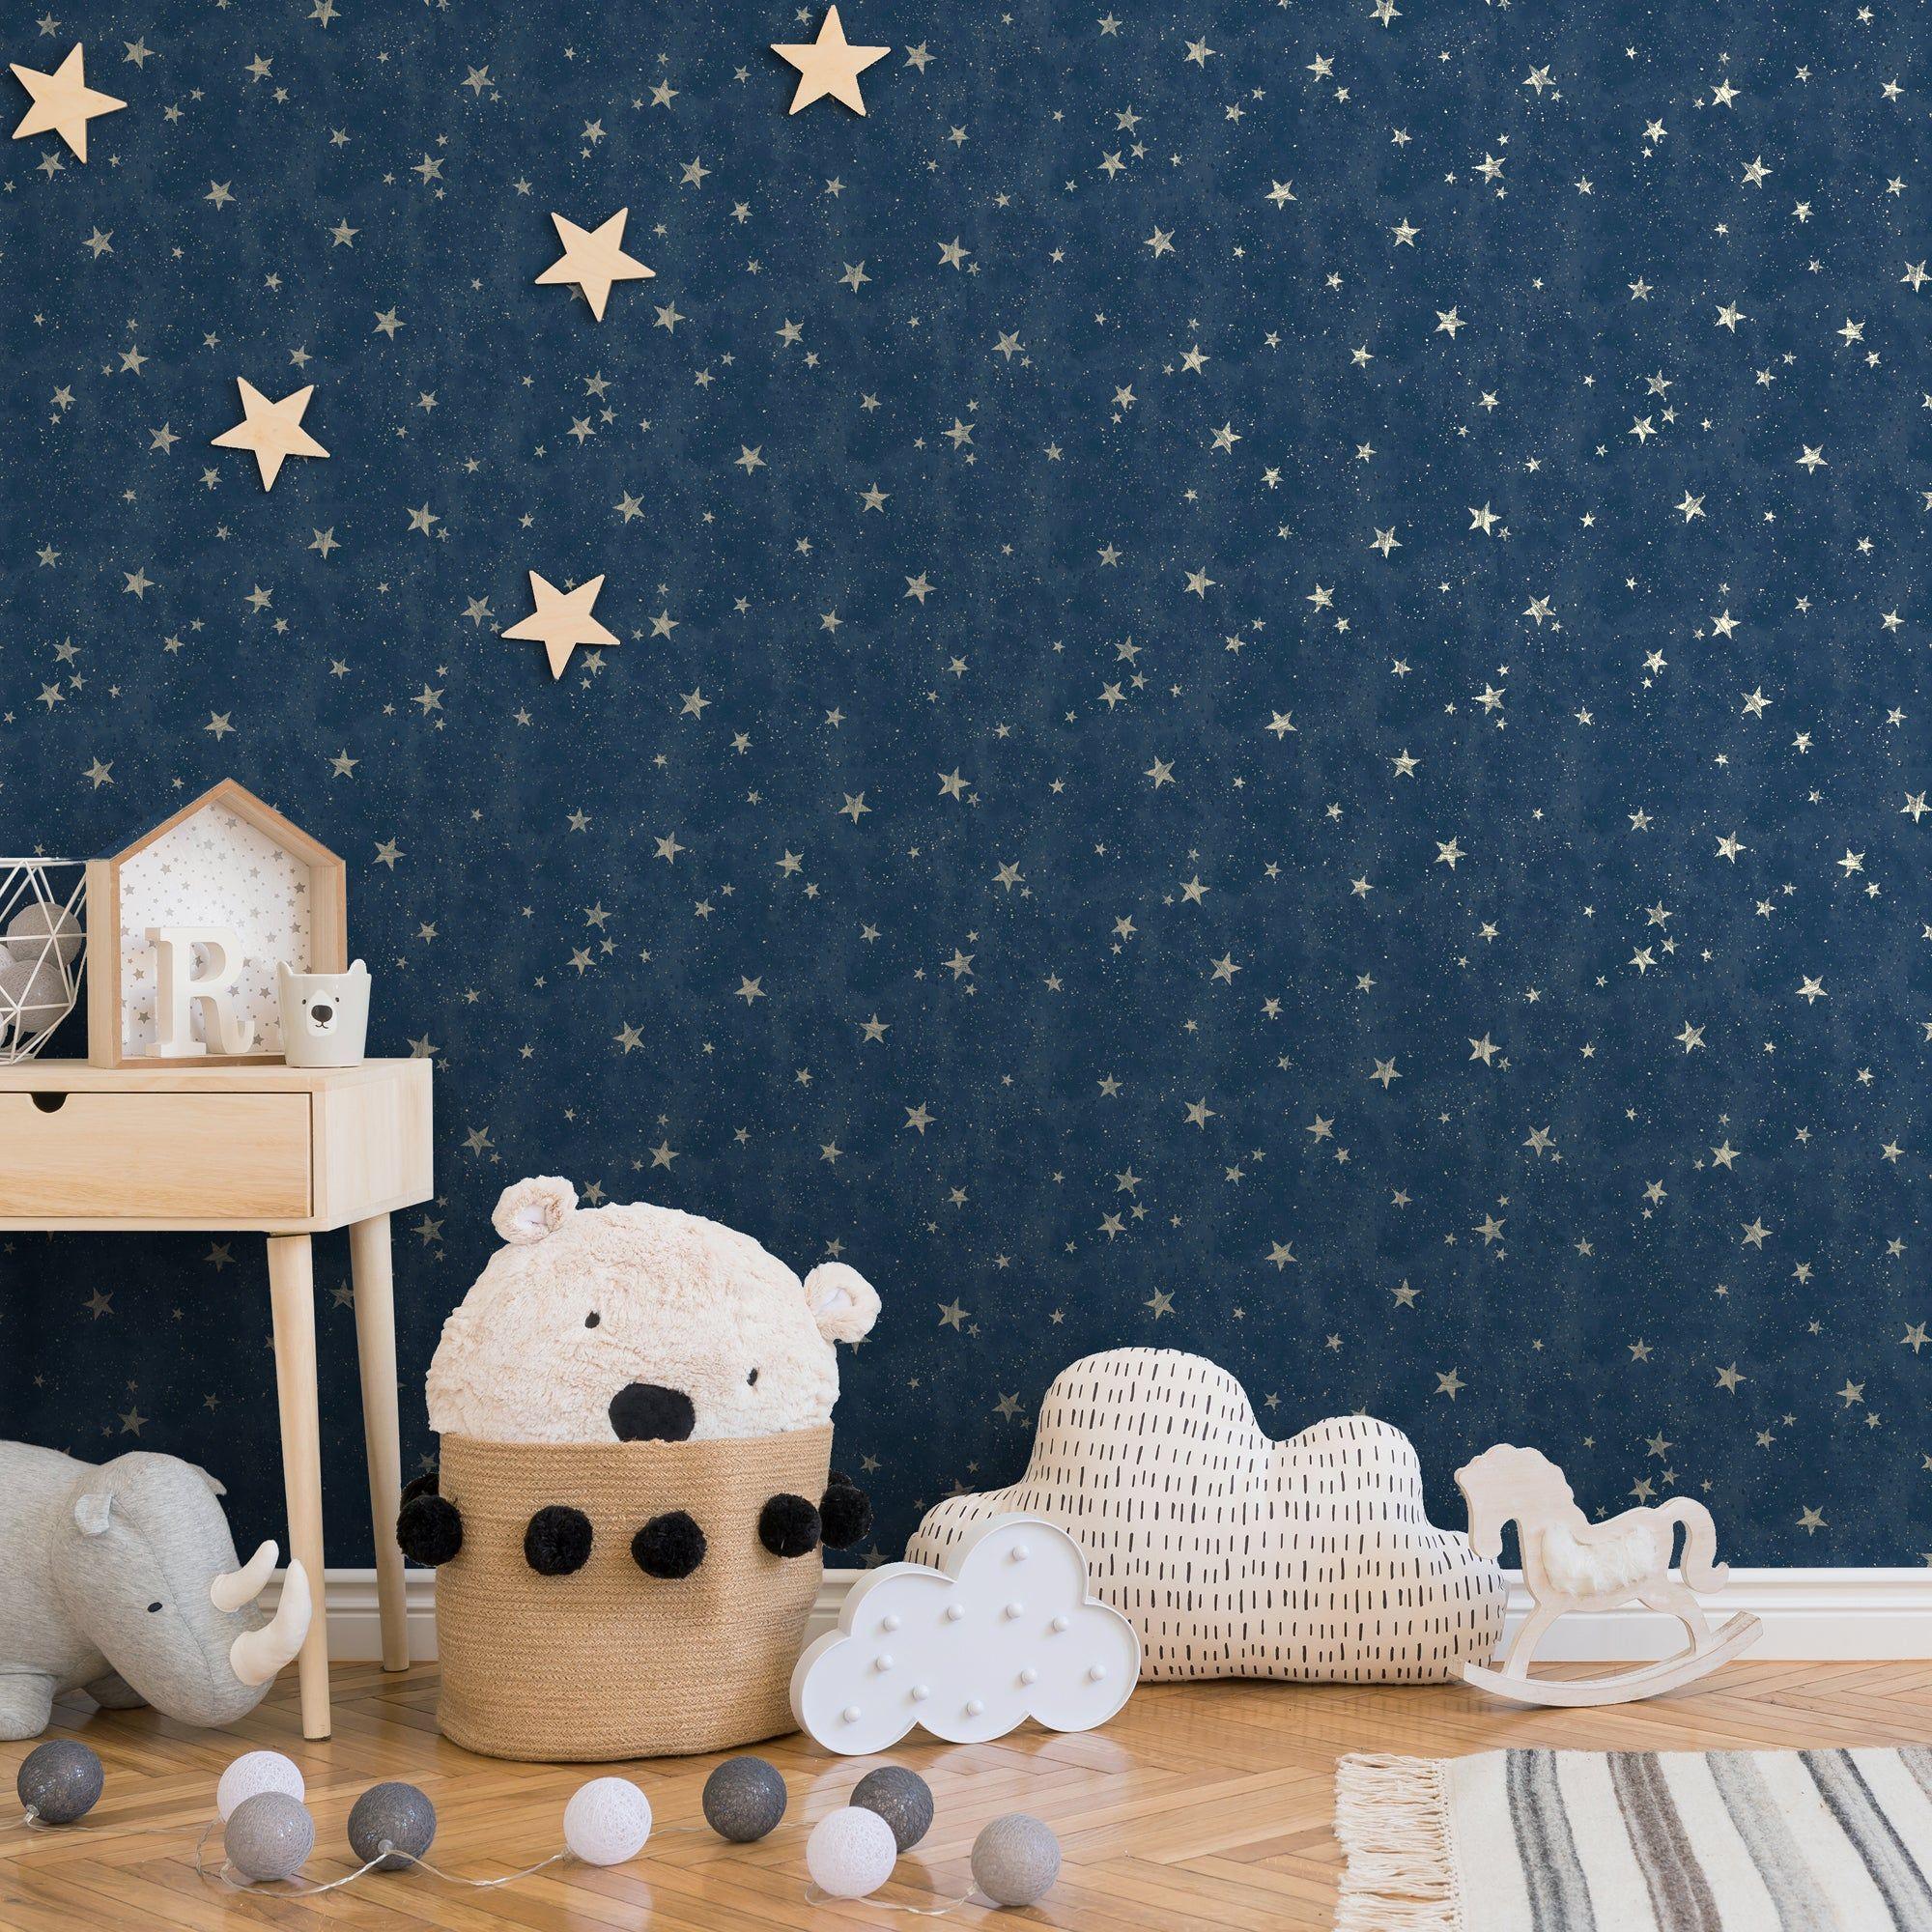 Starlight Navy Wallpaper In 2020 Navy Wallpaper Space Themed Bedroom Kid Room Decor